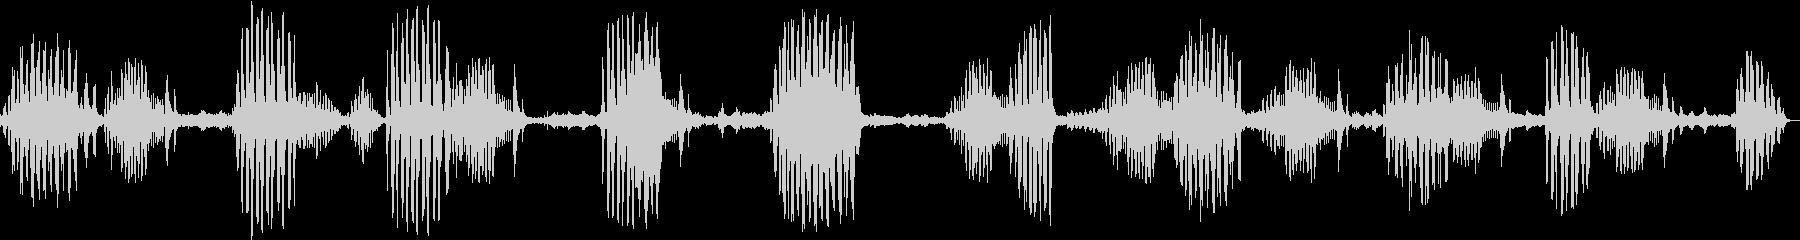 小鳥の鳴き声の未再生の波形